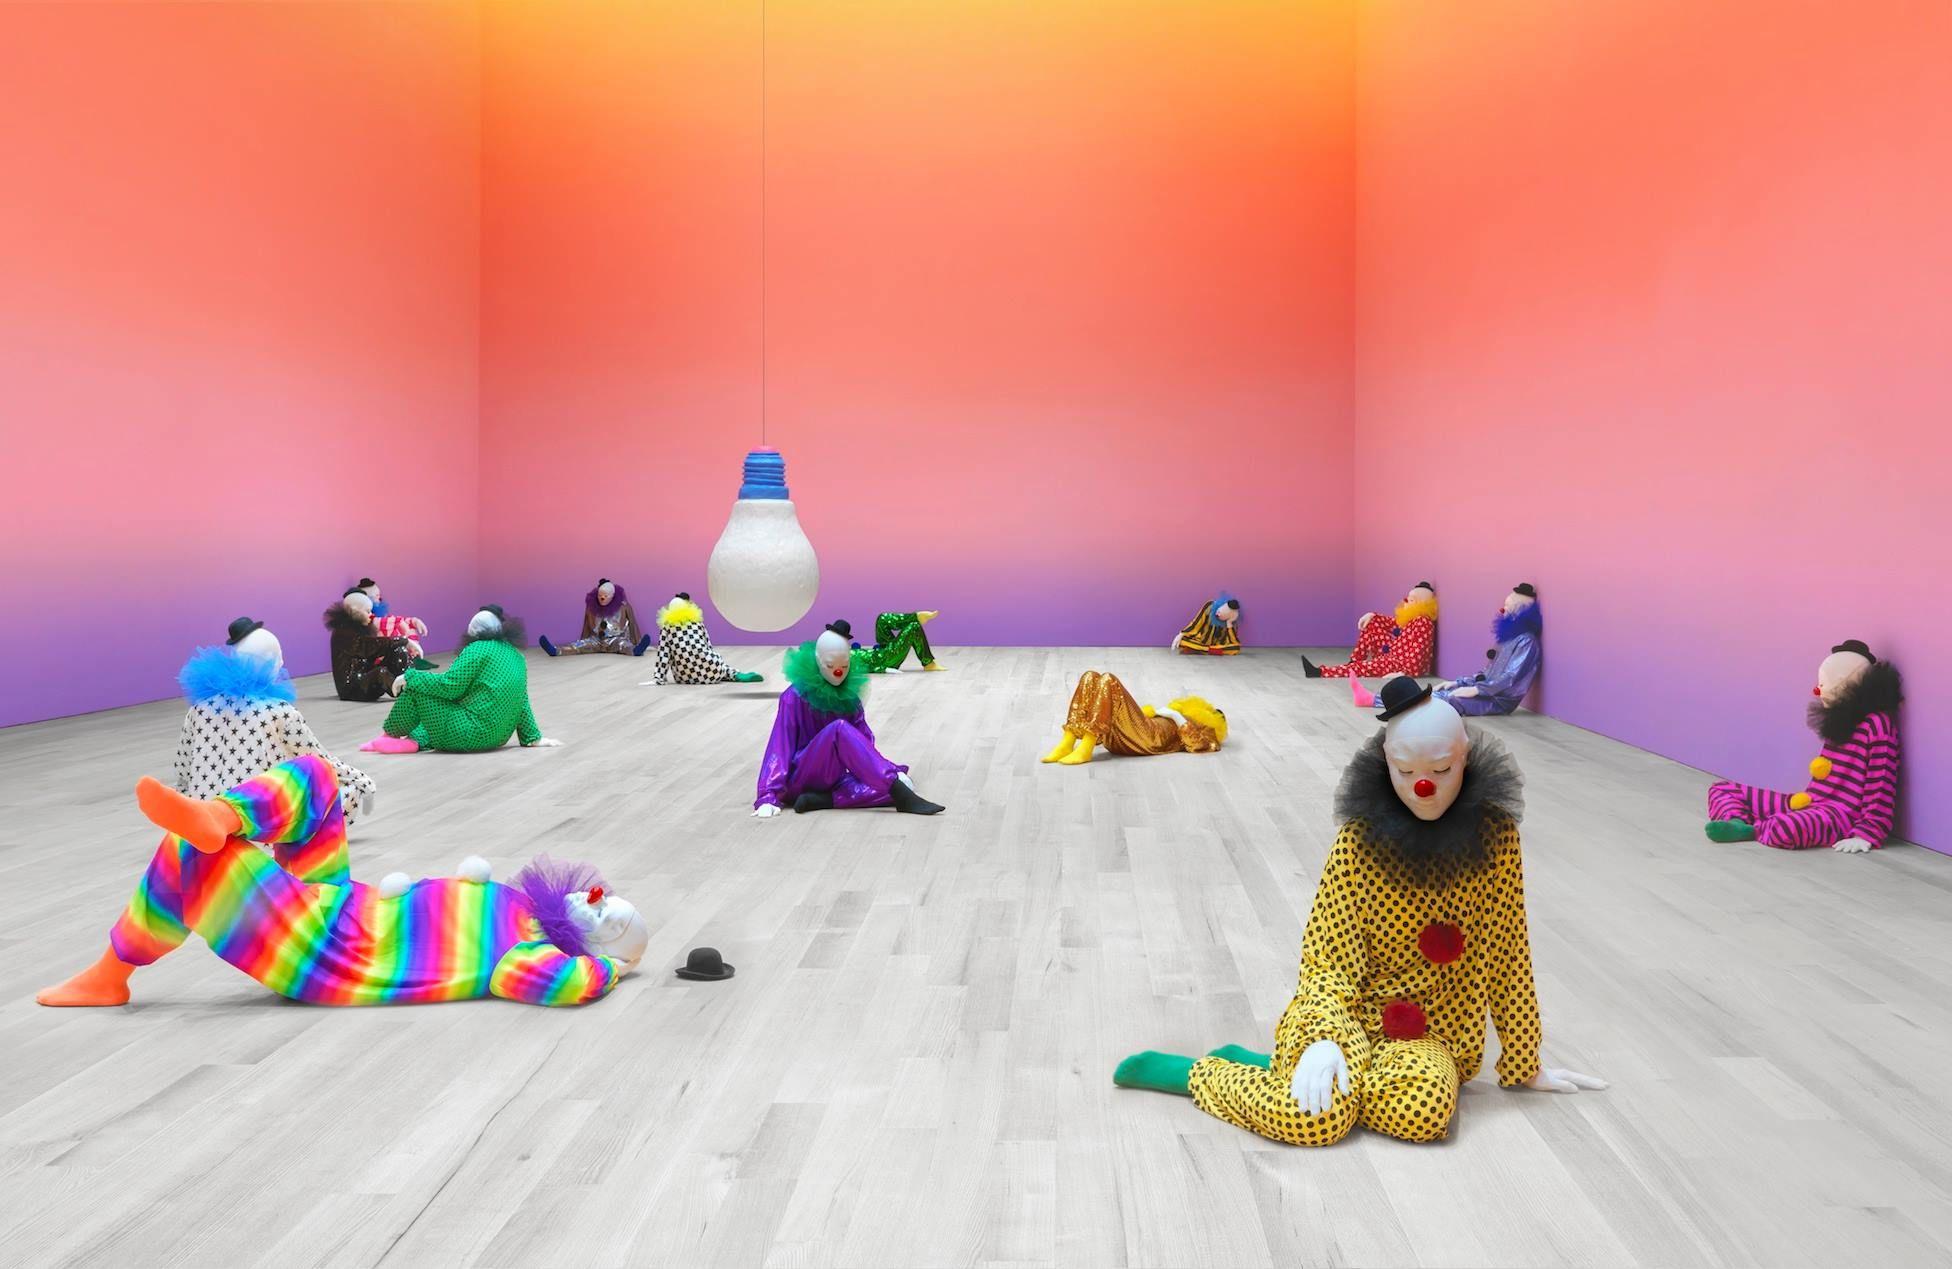 Ugo Rondinone. Dans le cadre de l'exposition Encore un jour banane pour le poisson-rêve au Palais de Tokyo. Du 22 juin au 9 sept… | Palais de tokyo, Enfance, Jour j